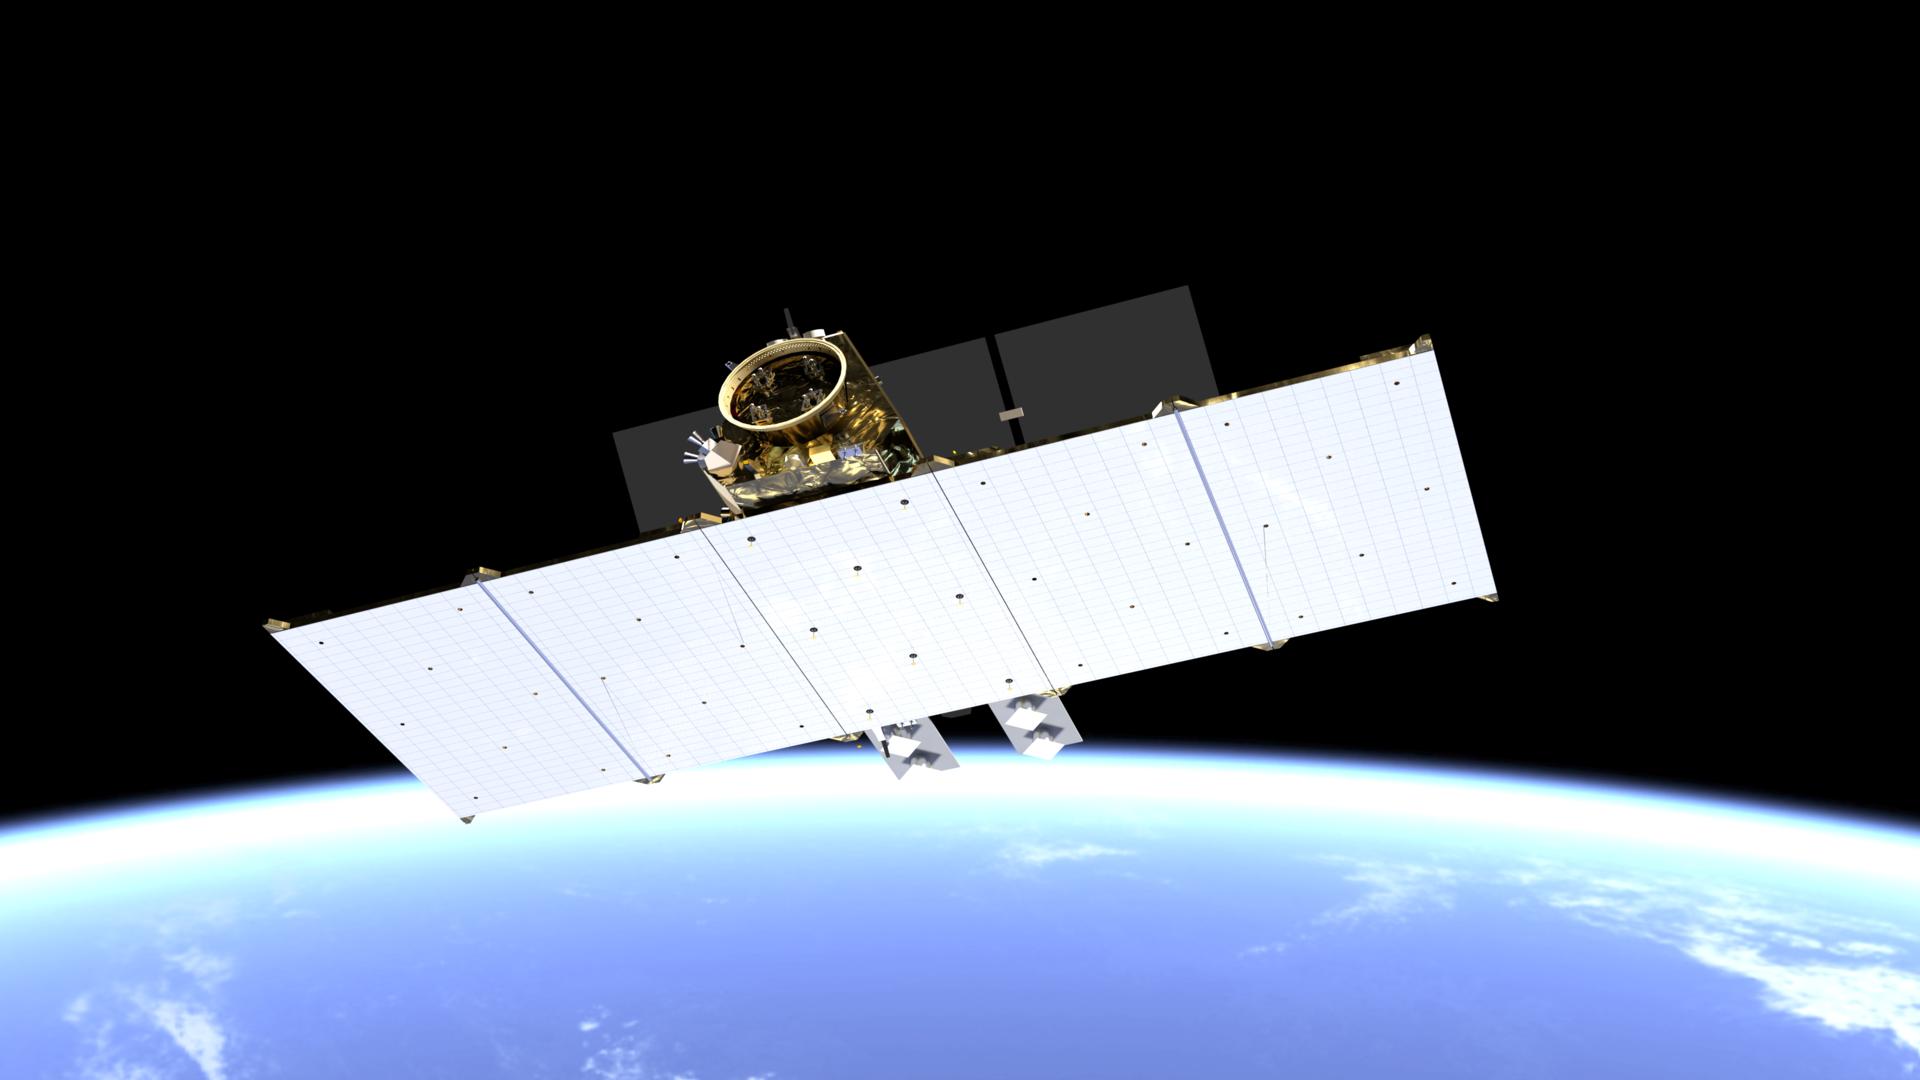 ASI - ROSE-L, siglato il contratto tra Thales Alenia Space ed ESA